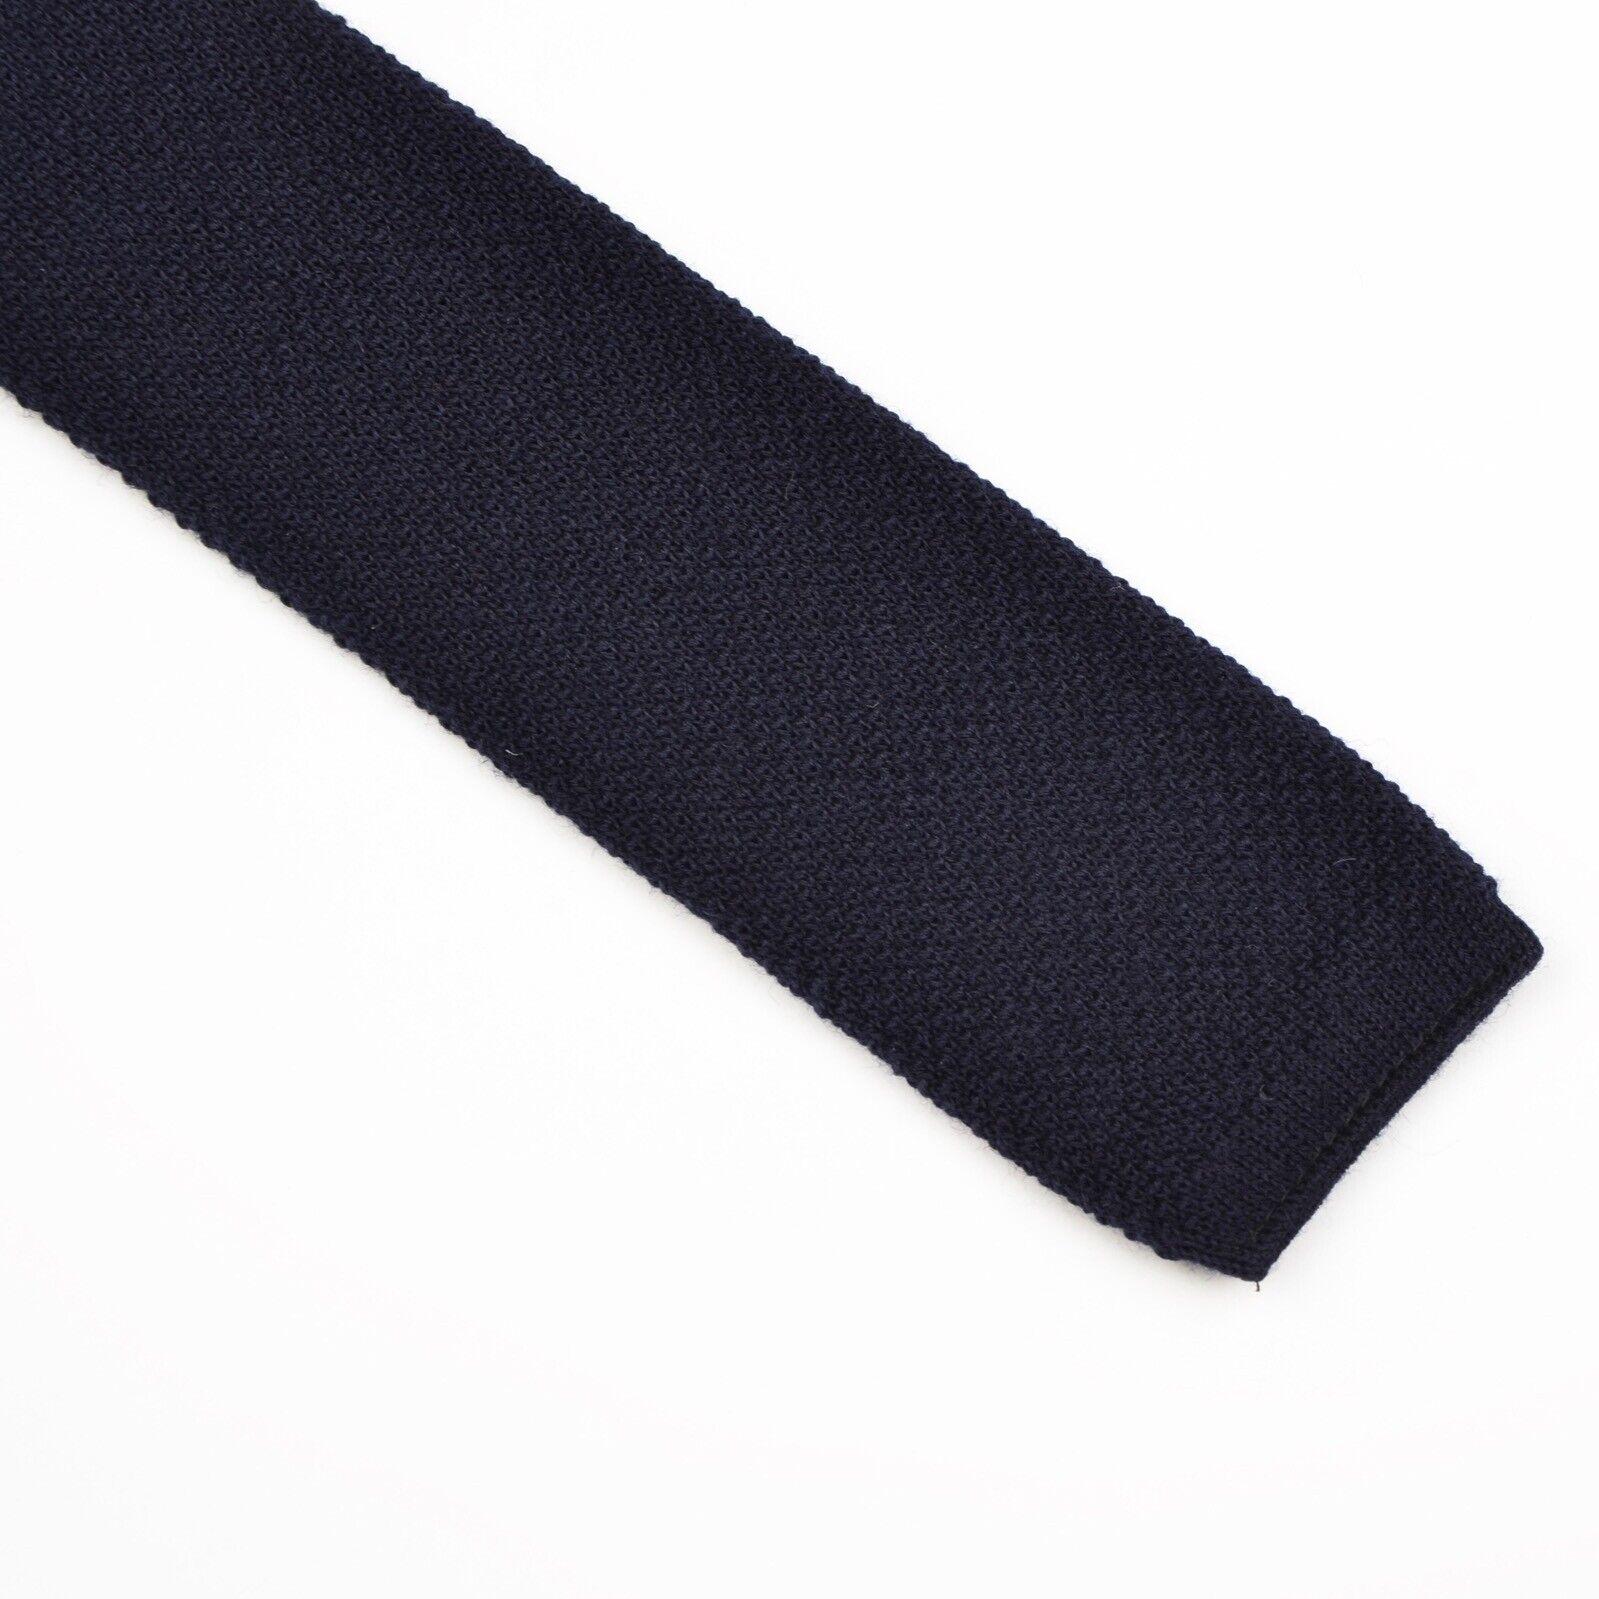 100% Wolle Wool Gestrickte Krawatte Knit Tie Blau Navy HERBST Made in Germany